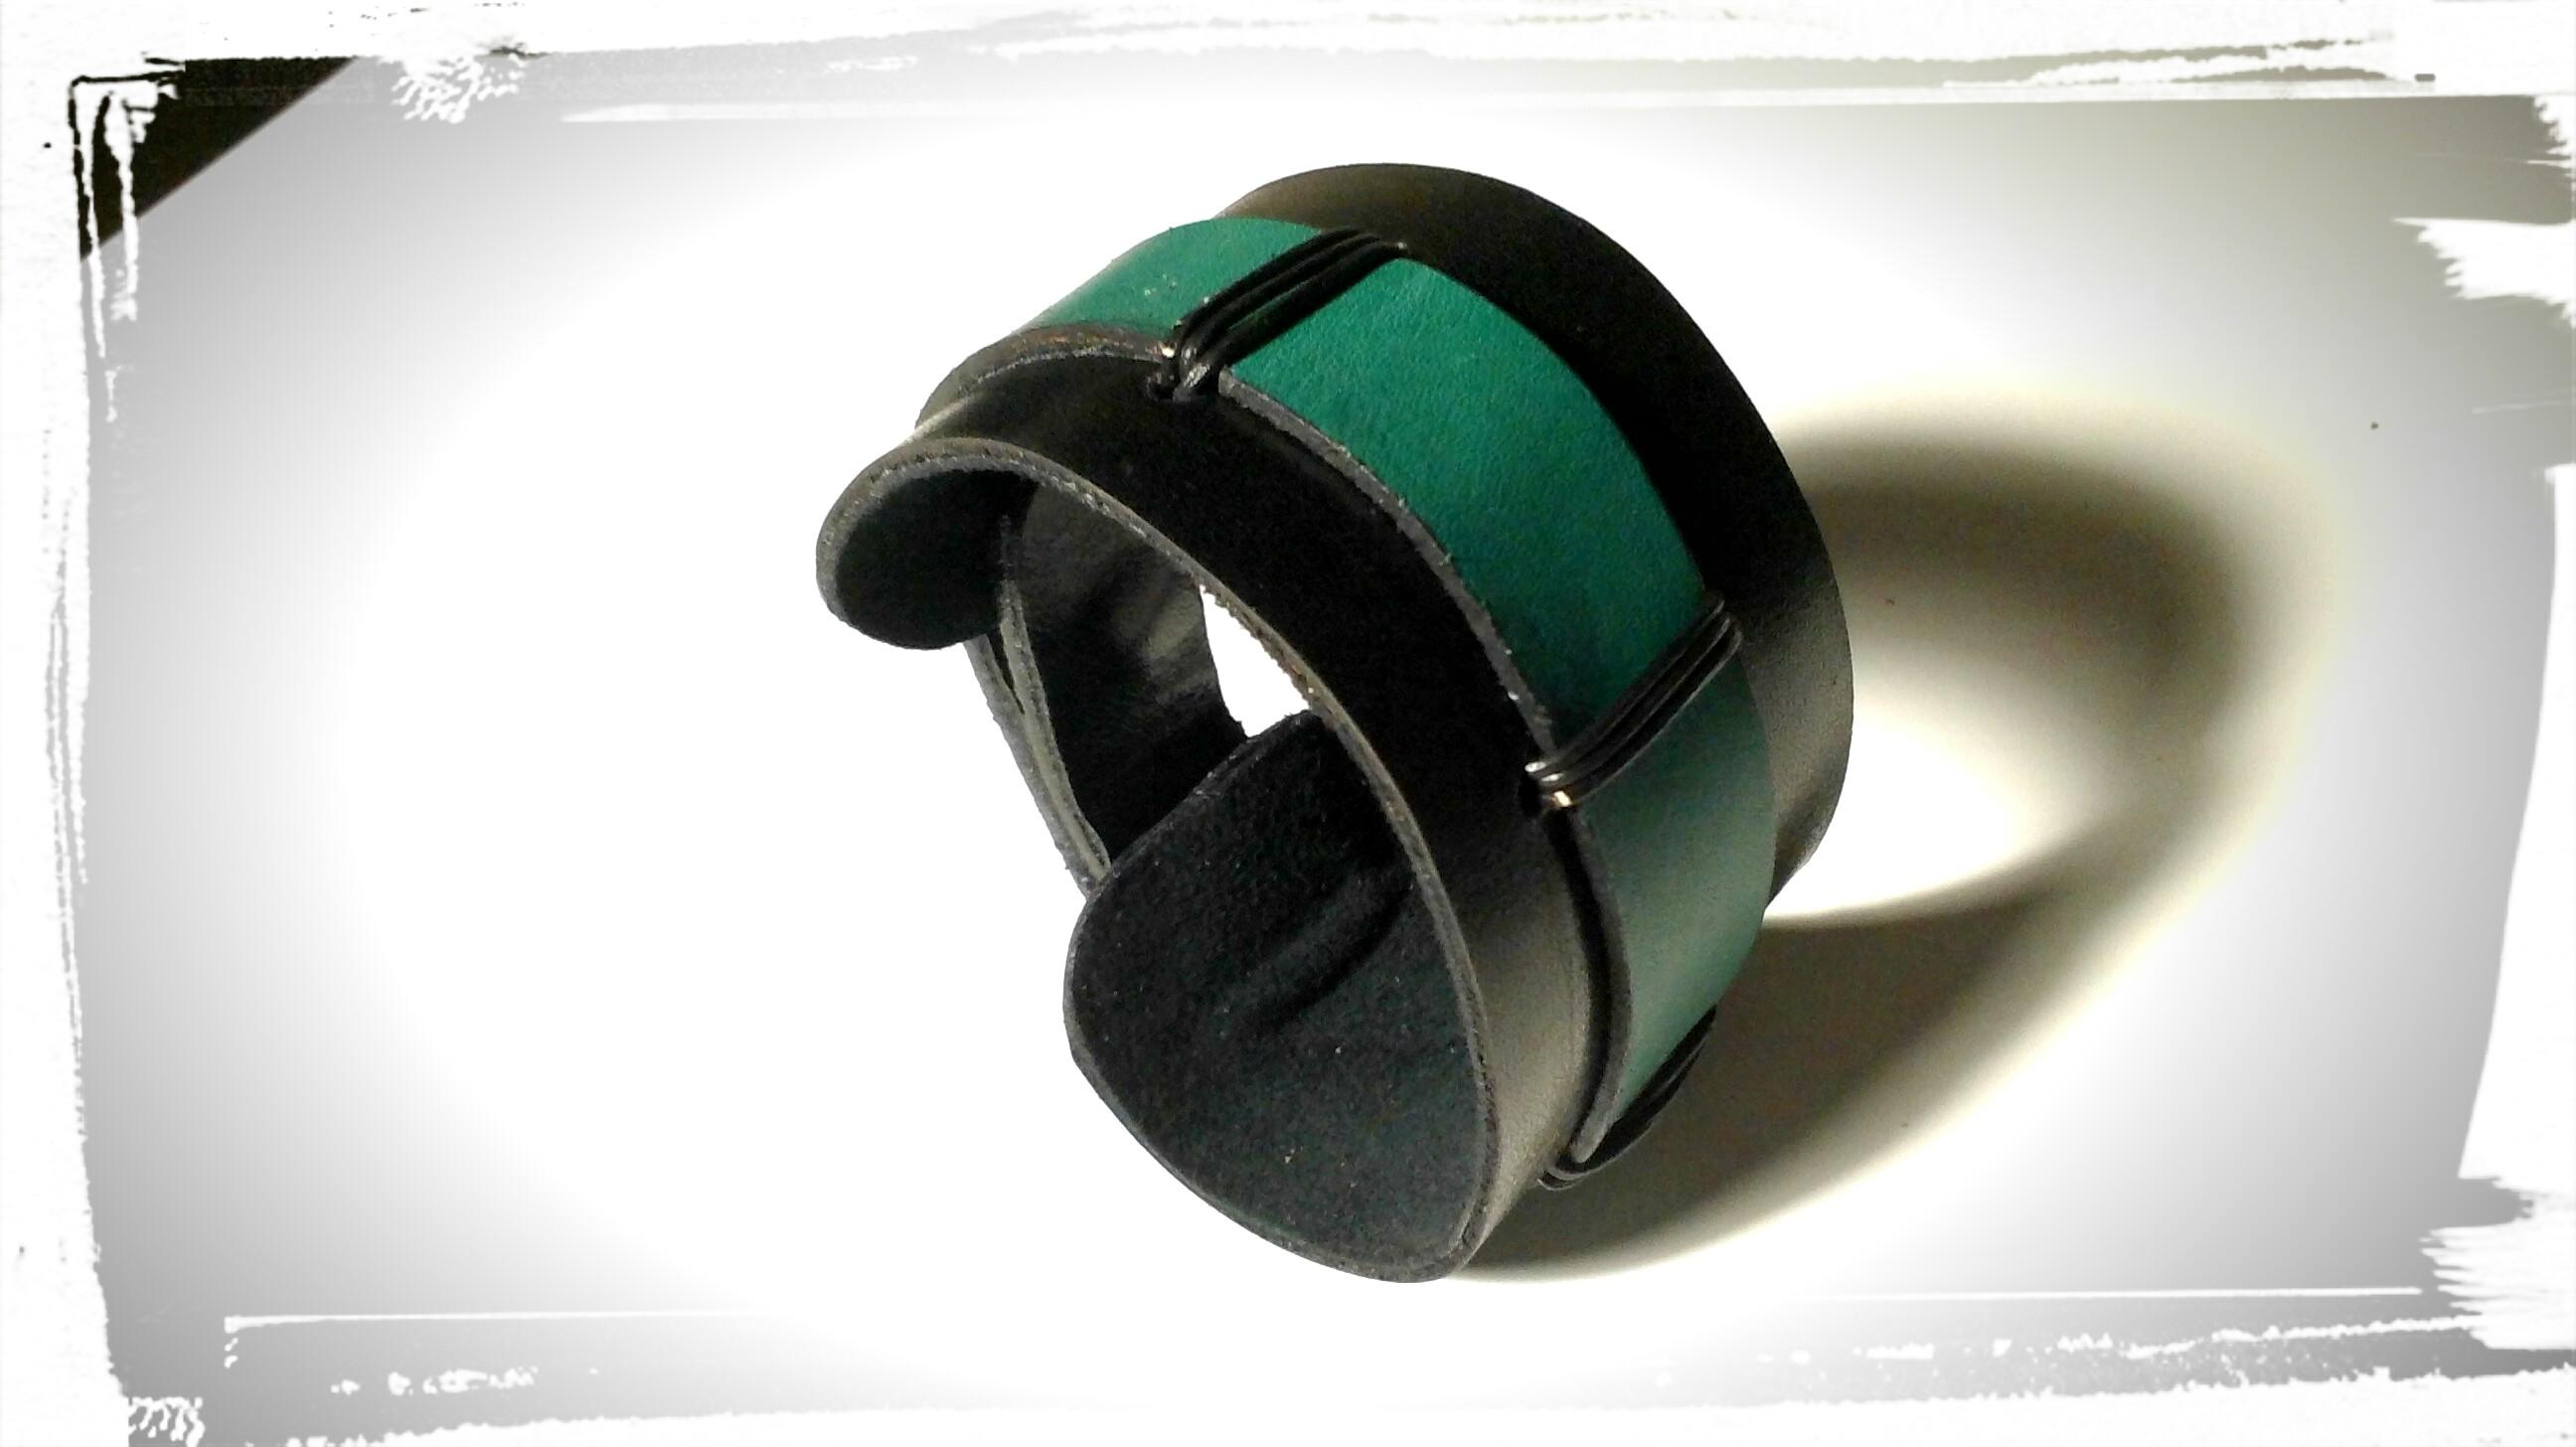 bracciale polsiera in cuoio nero con inserti in cuoio